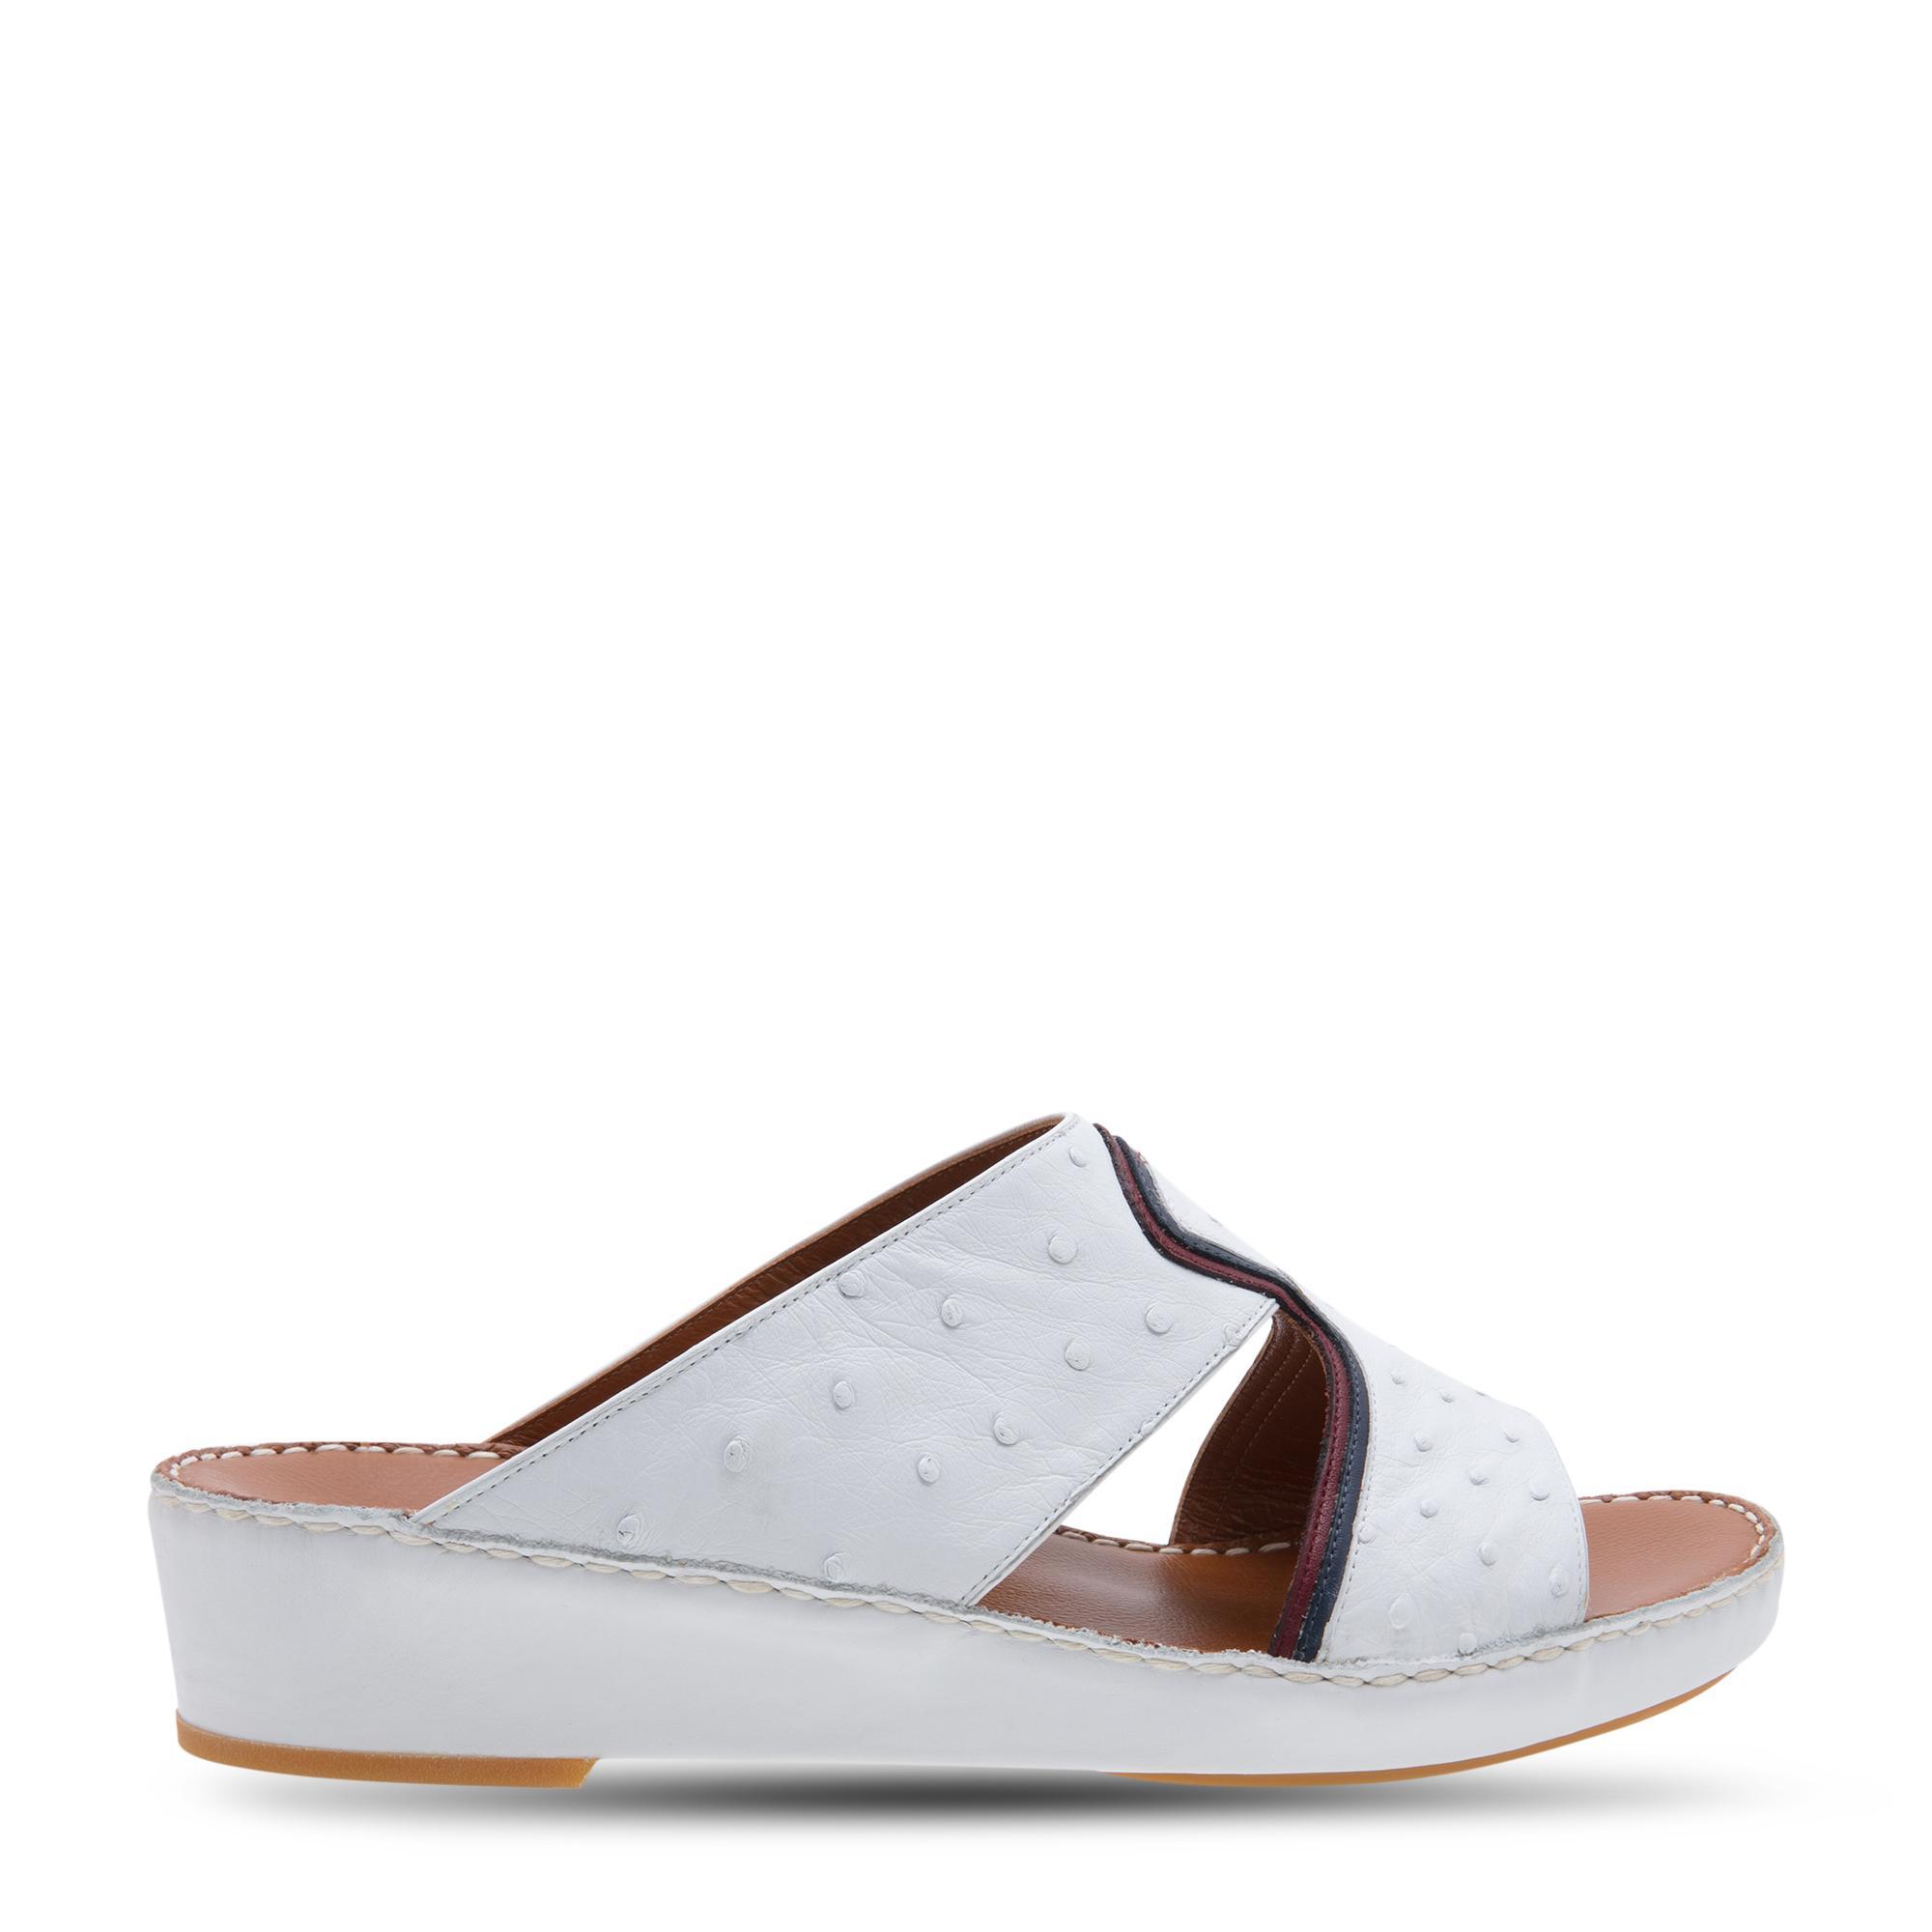 Peninsula Doublure Ostrich sandals